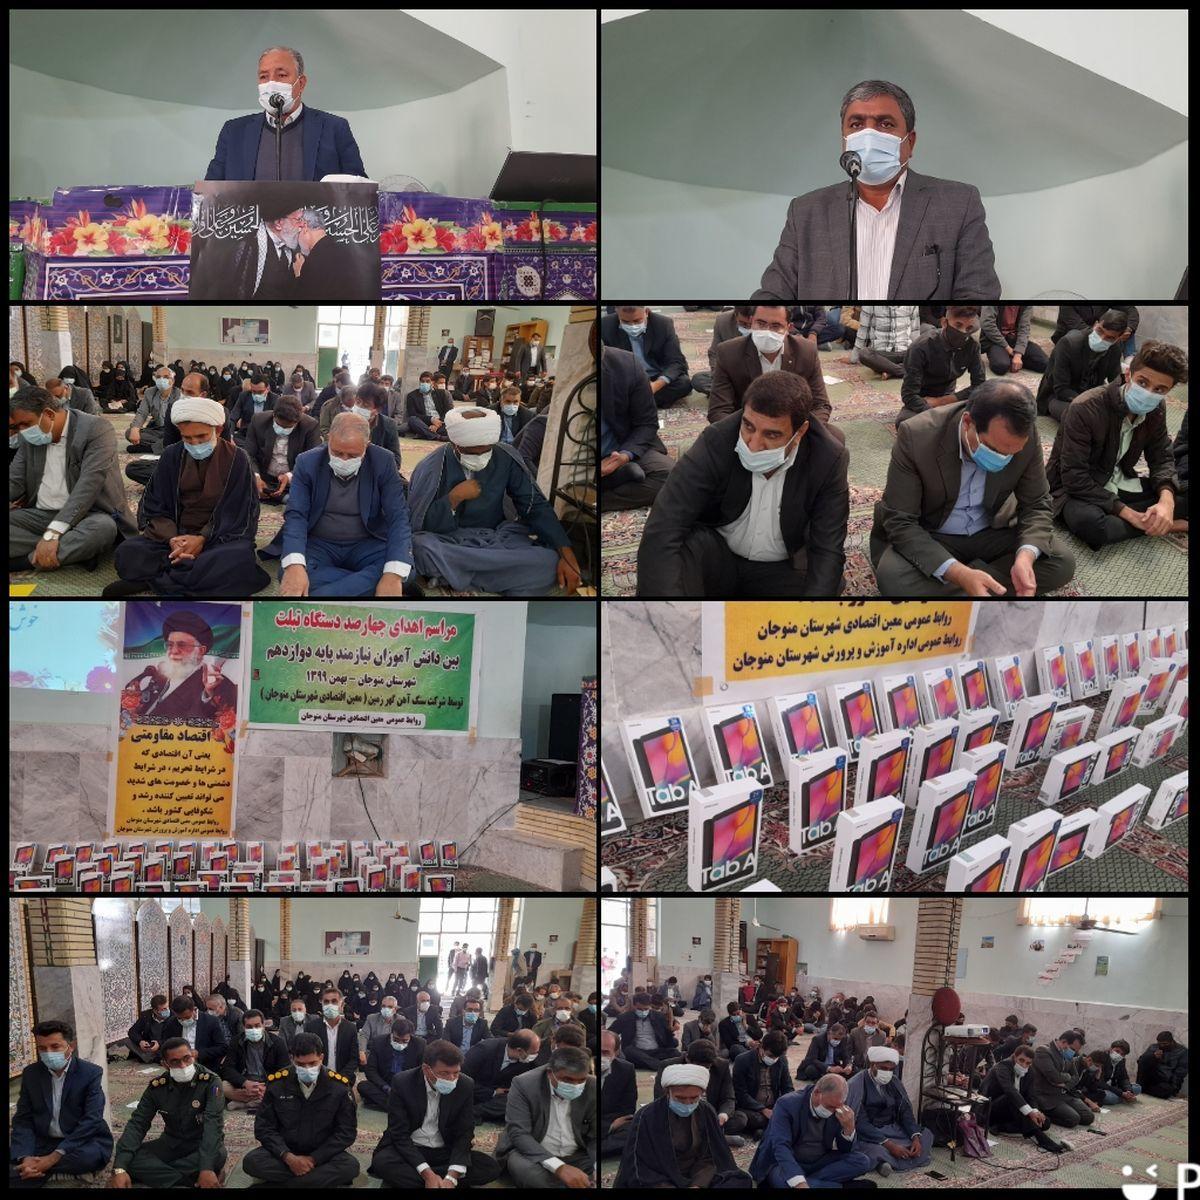 اهدای ۴۰۰ دستگاه تبلت به دانش آموزان بی بضاعت